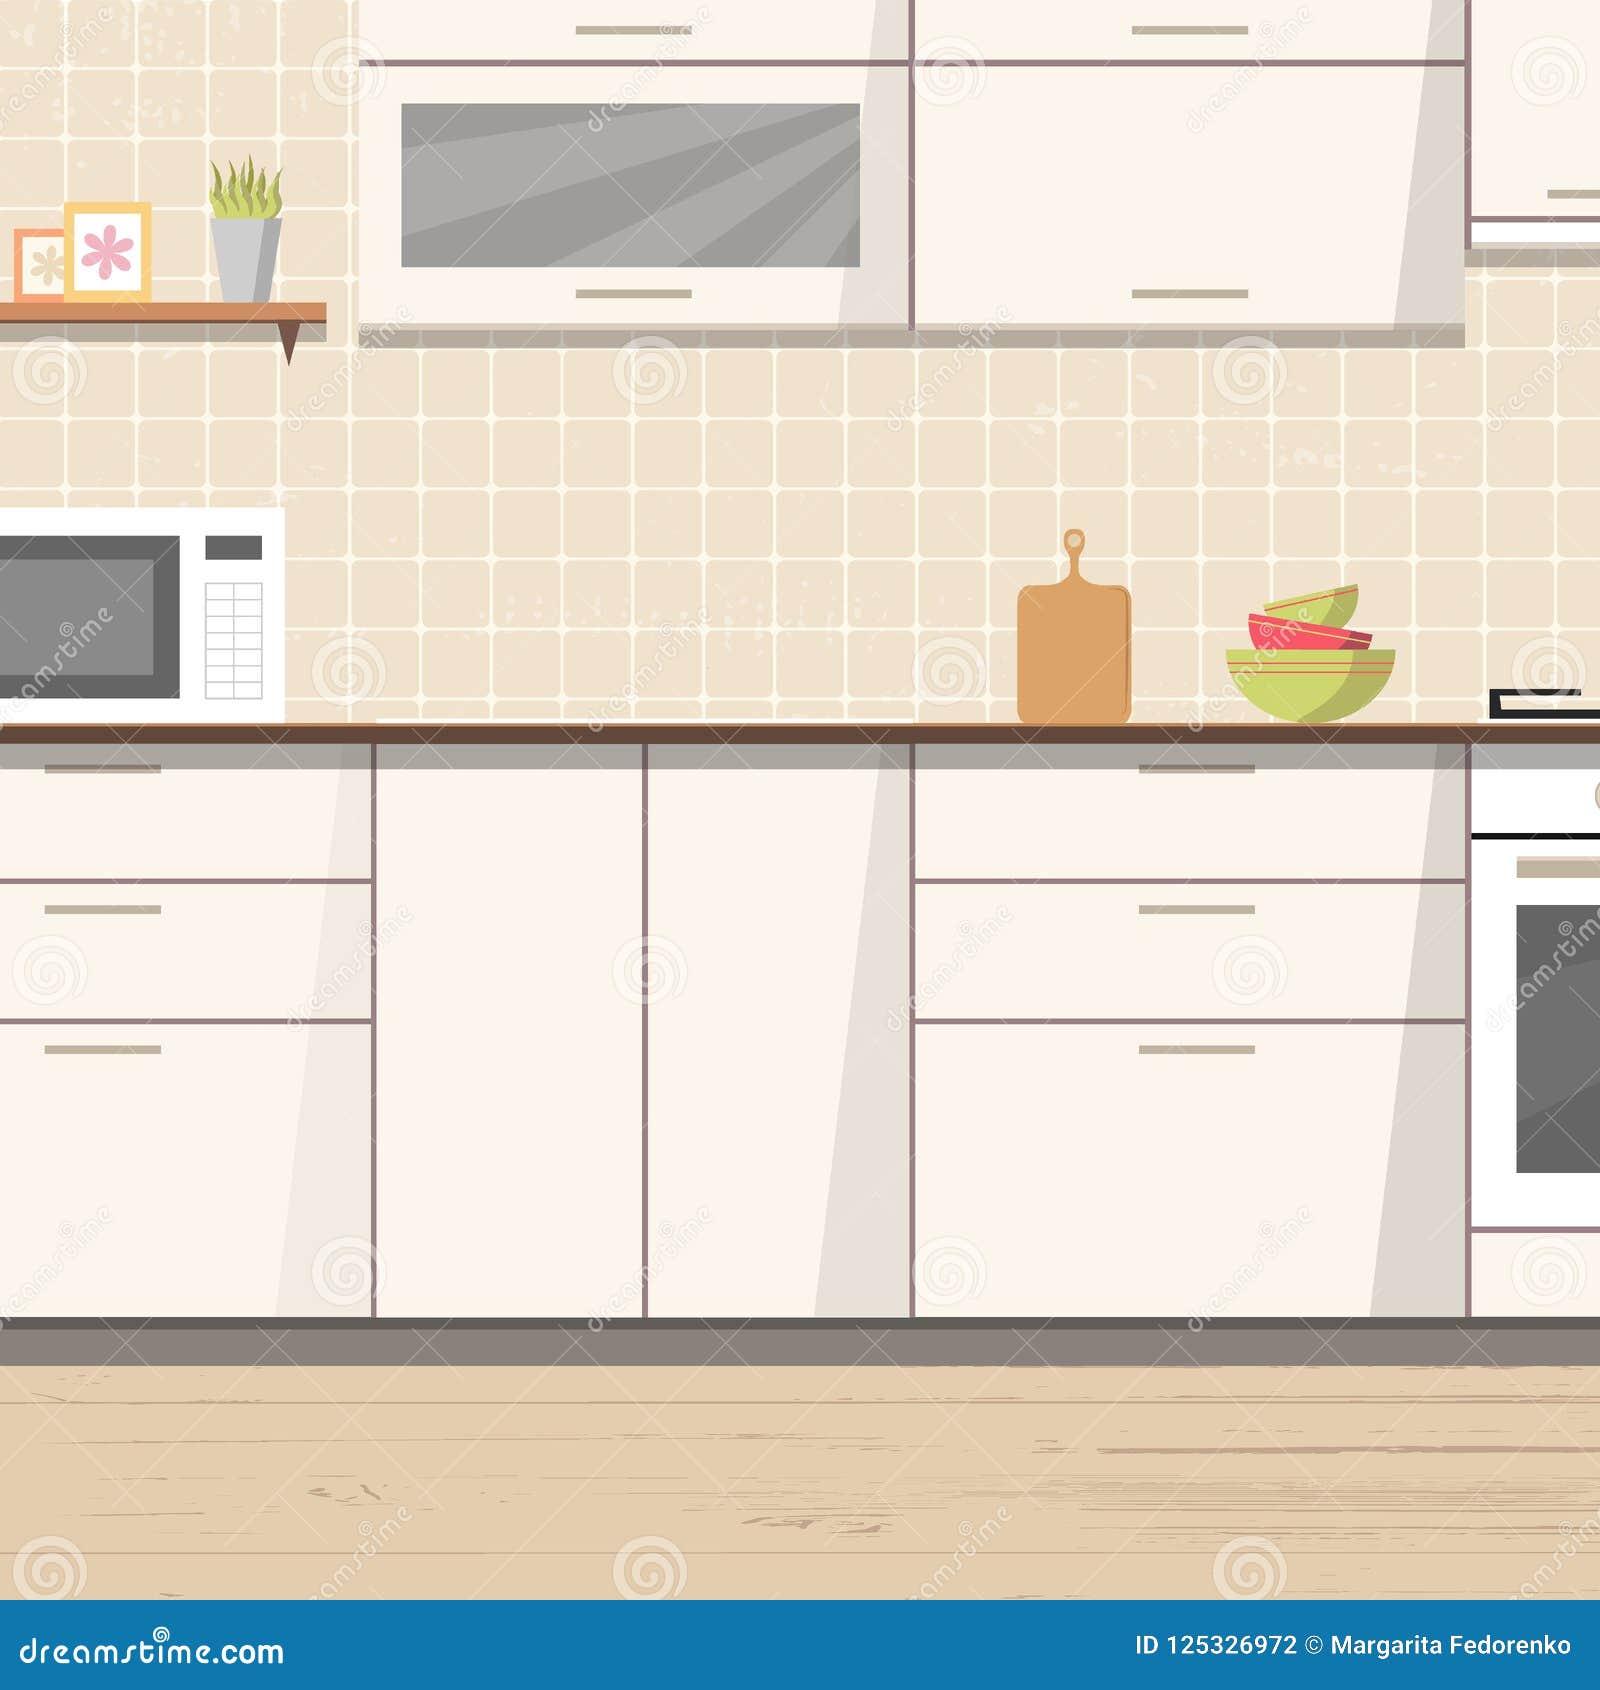 Ofen Küche | Innenhintergrund Der Weissen Kuche Mit Mobeln Und Ofen Vektor